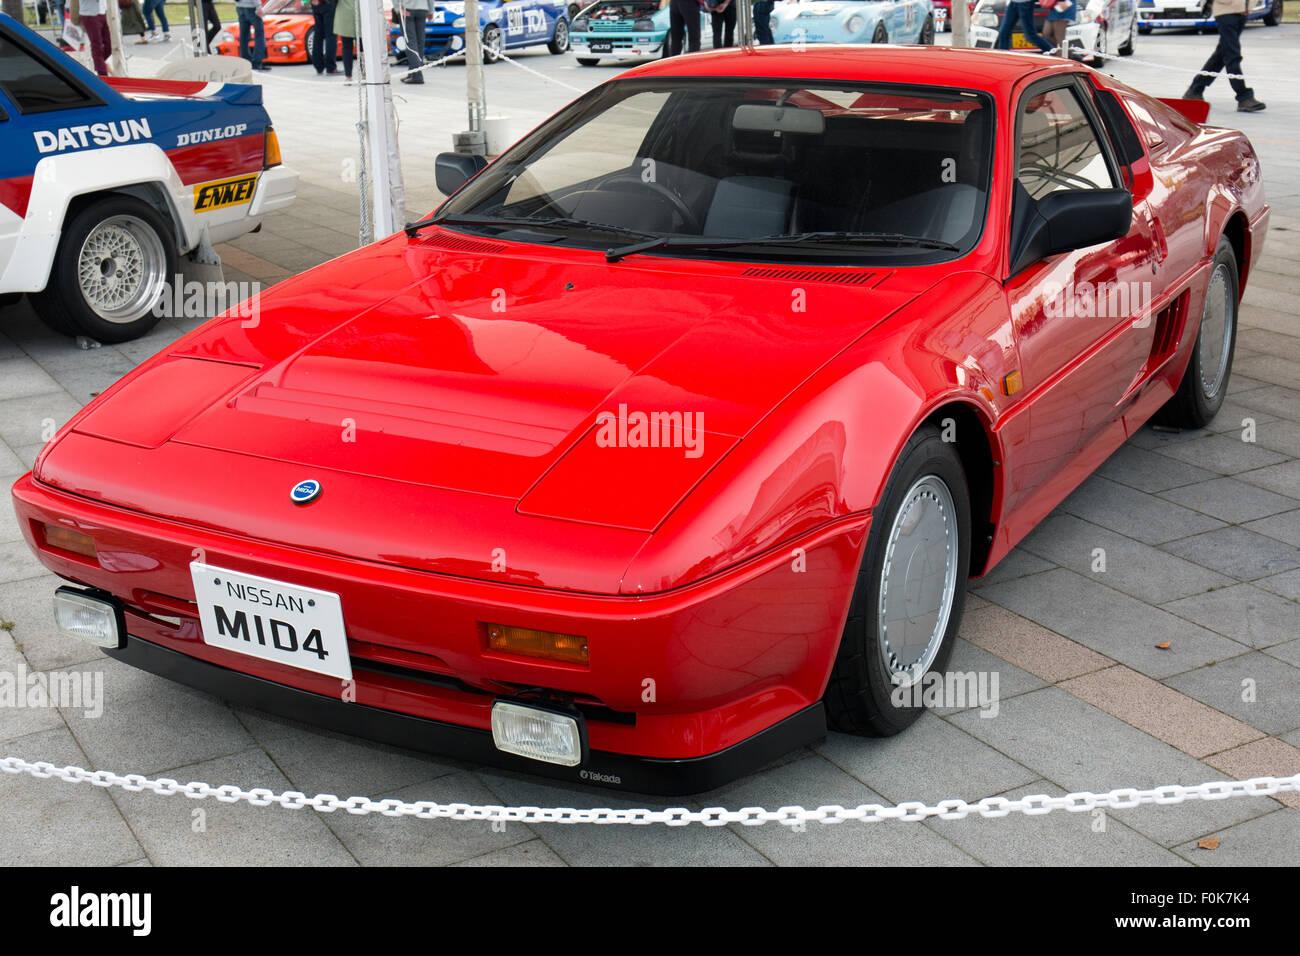 Nissan MID4 vorne links 2015 Motorsport Japan Stockbild